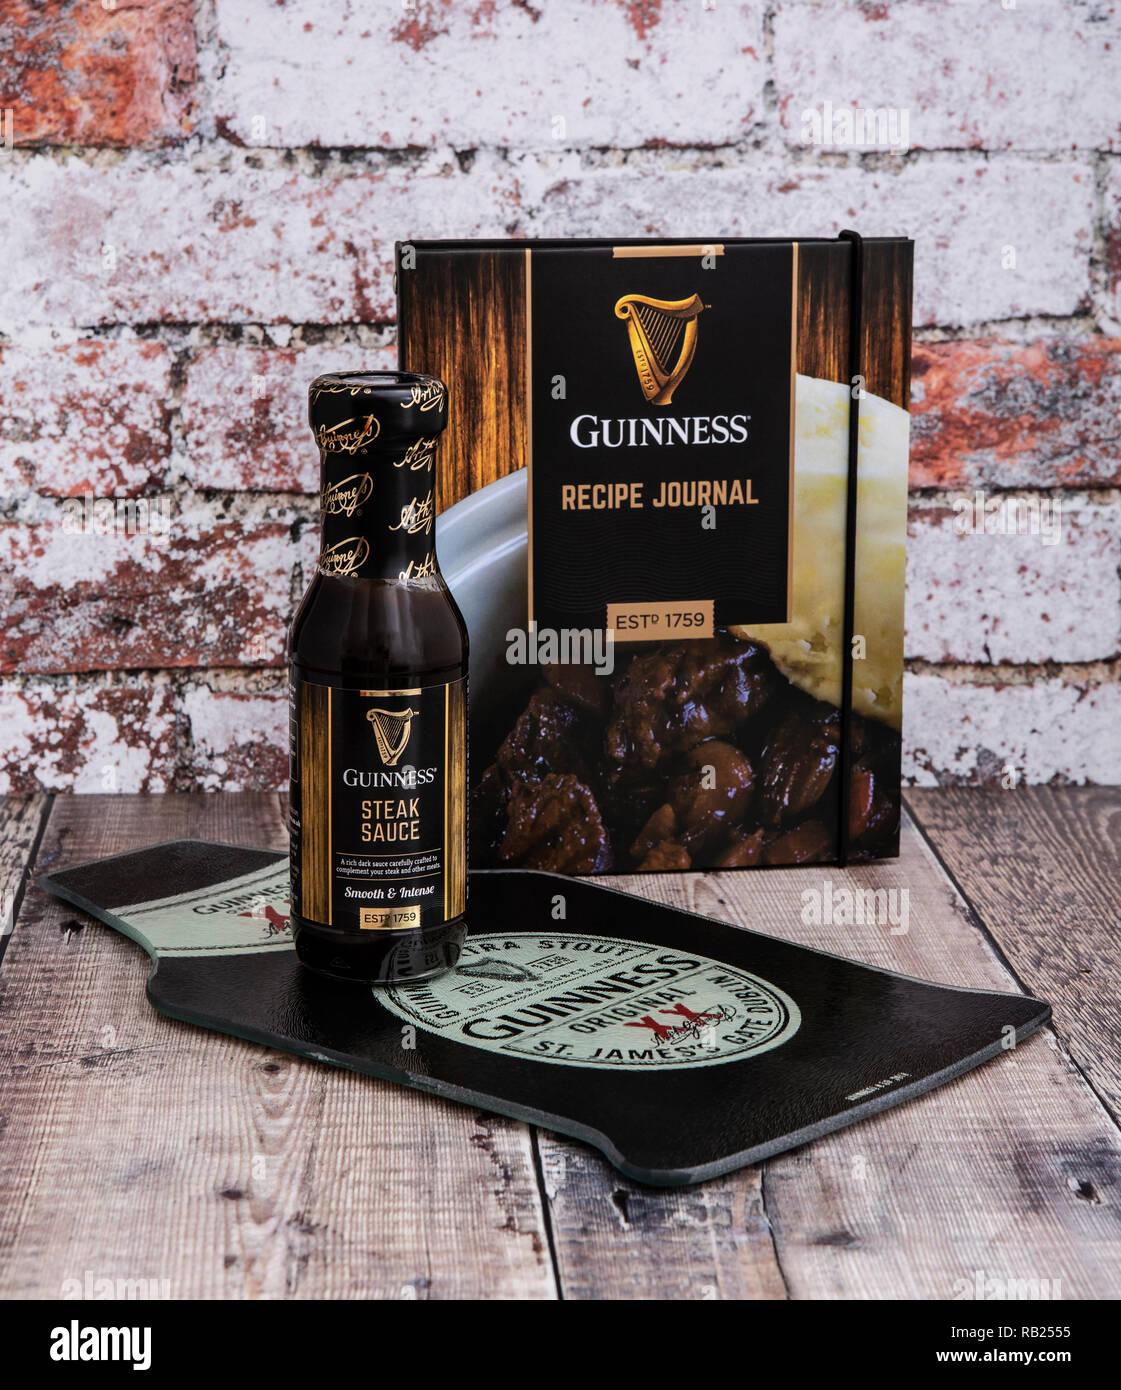 SWINDON, UK - 6 janvier 2019: Guinness , Journal de recette et la sauce à bifteck sur un fond rustique Photo Stock